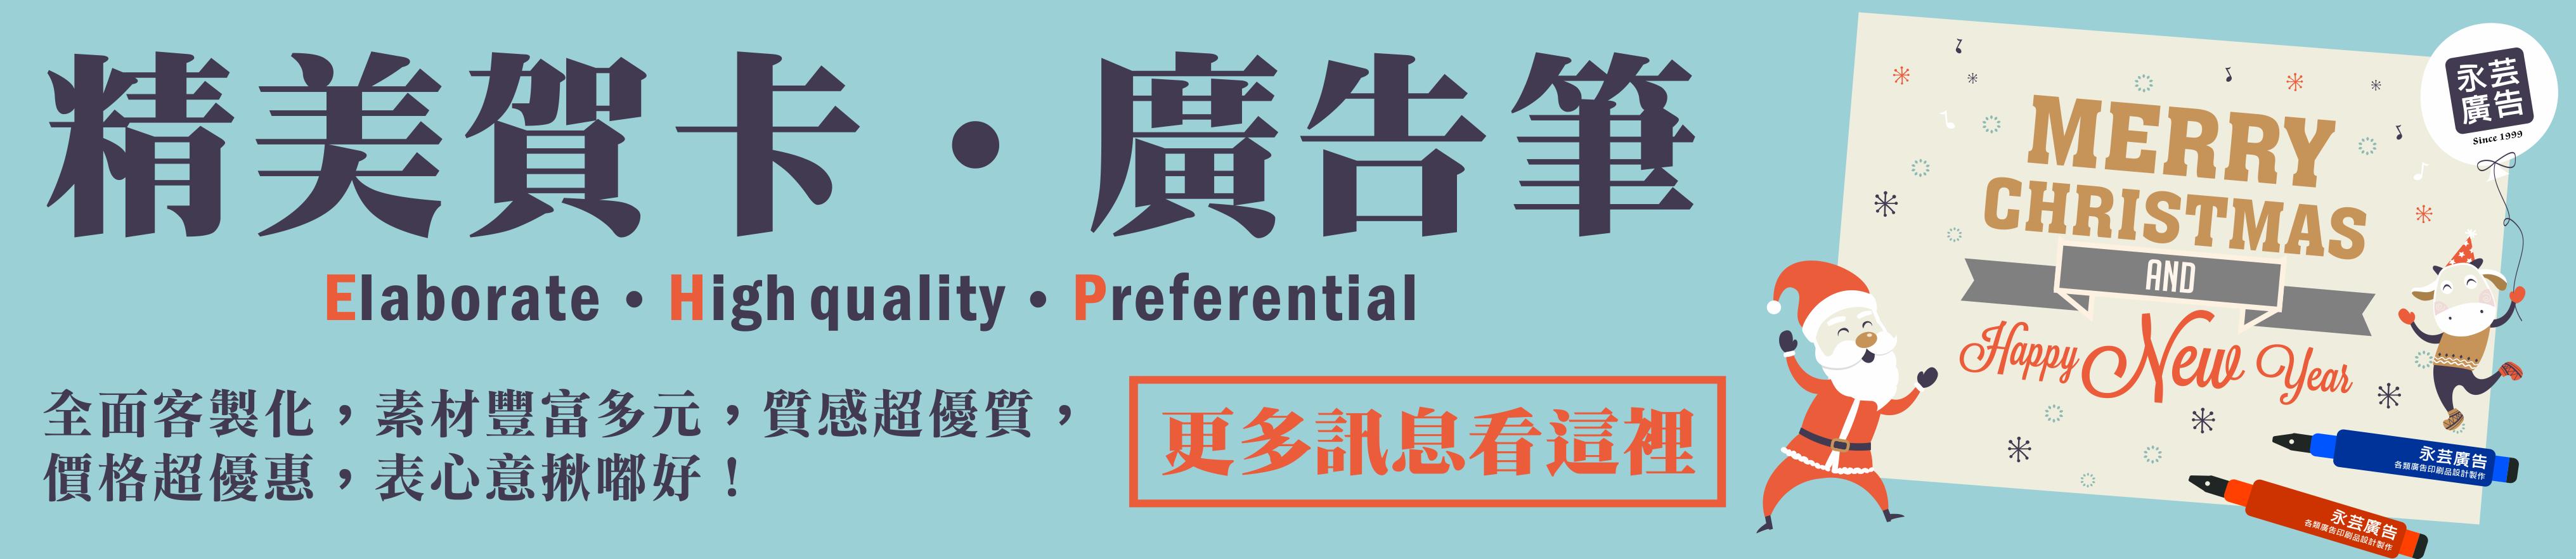 精美賀卡+廣告筆